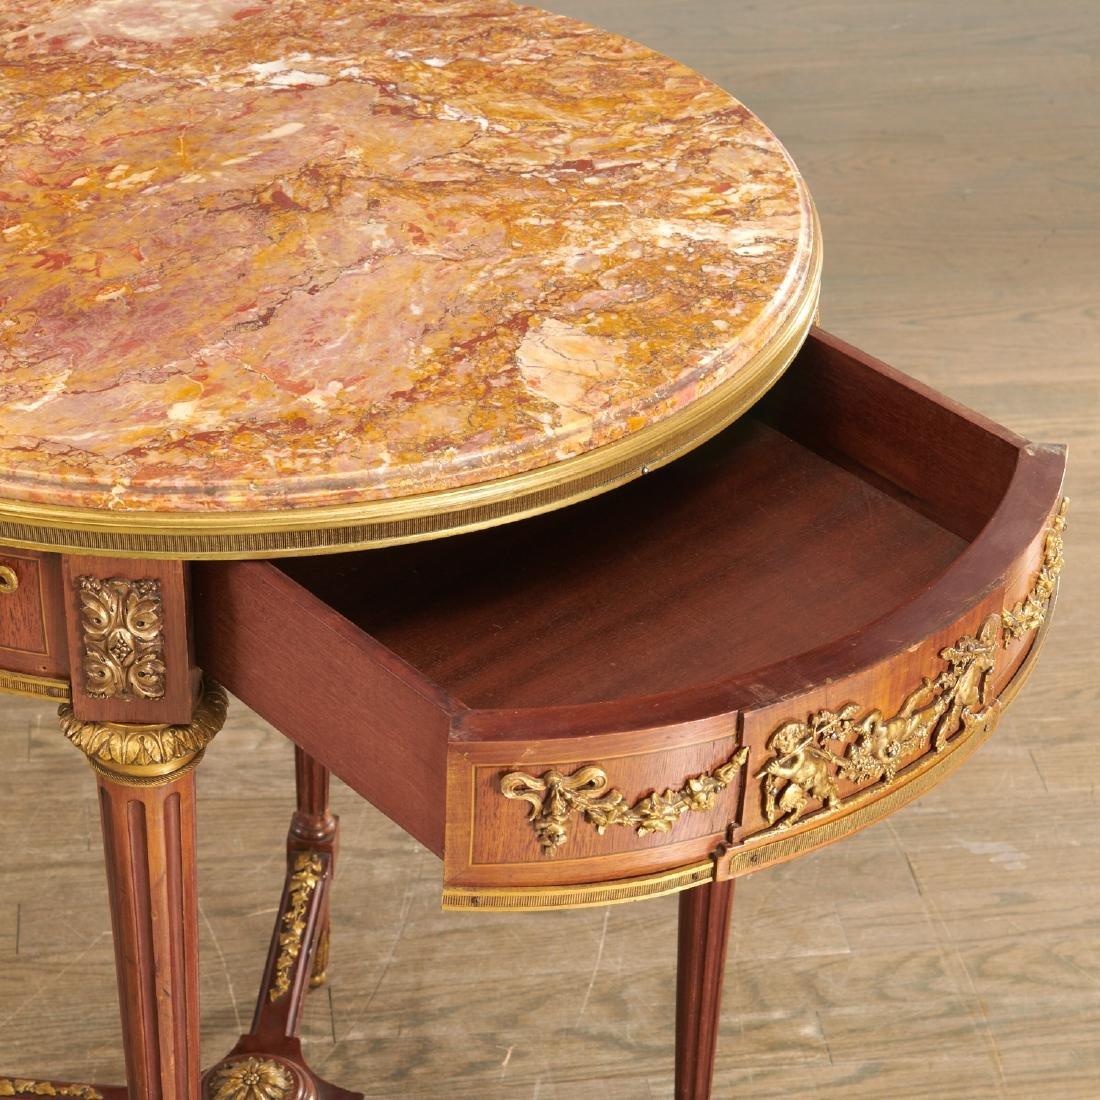 Louis XVI style mahogany marble top gueridon - 2